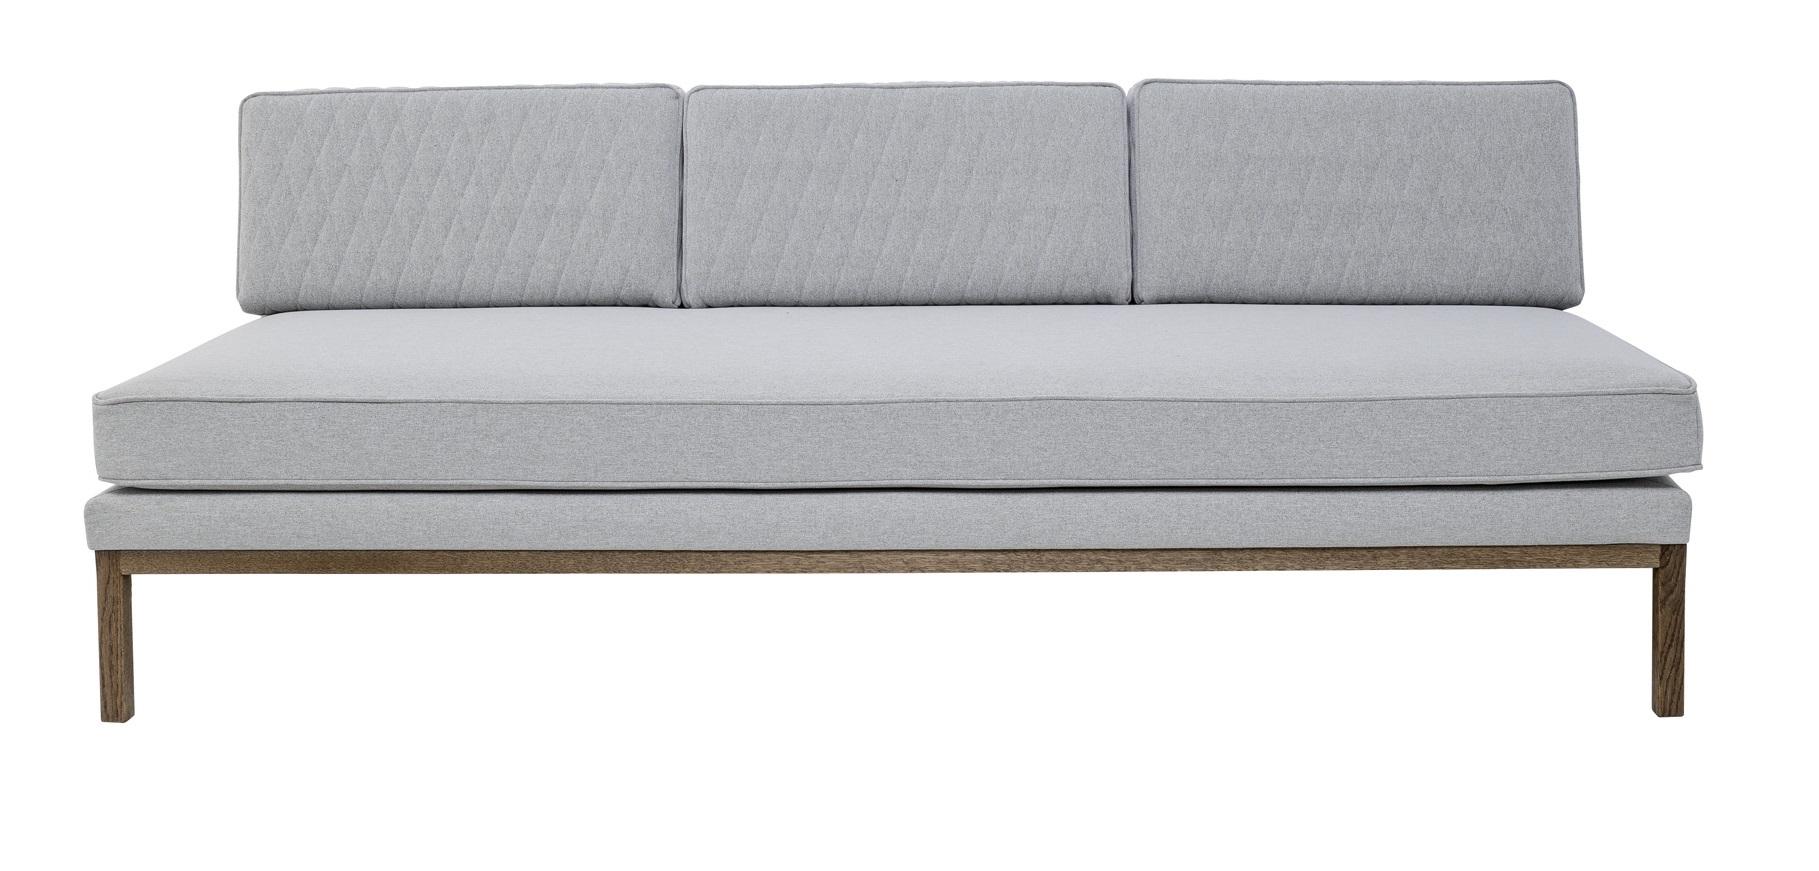 Settle soffa